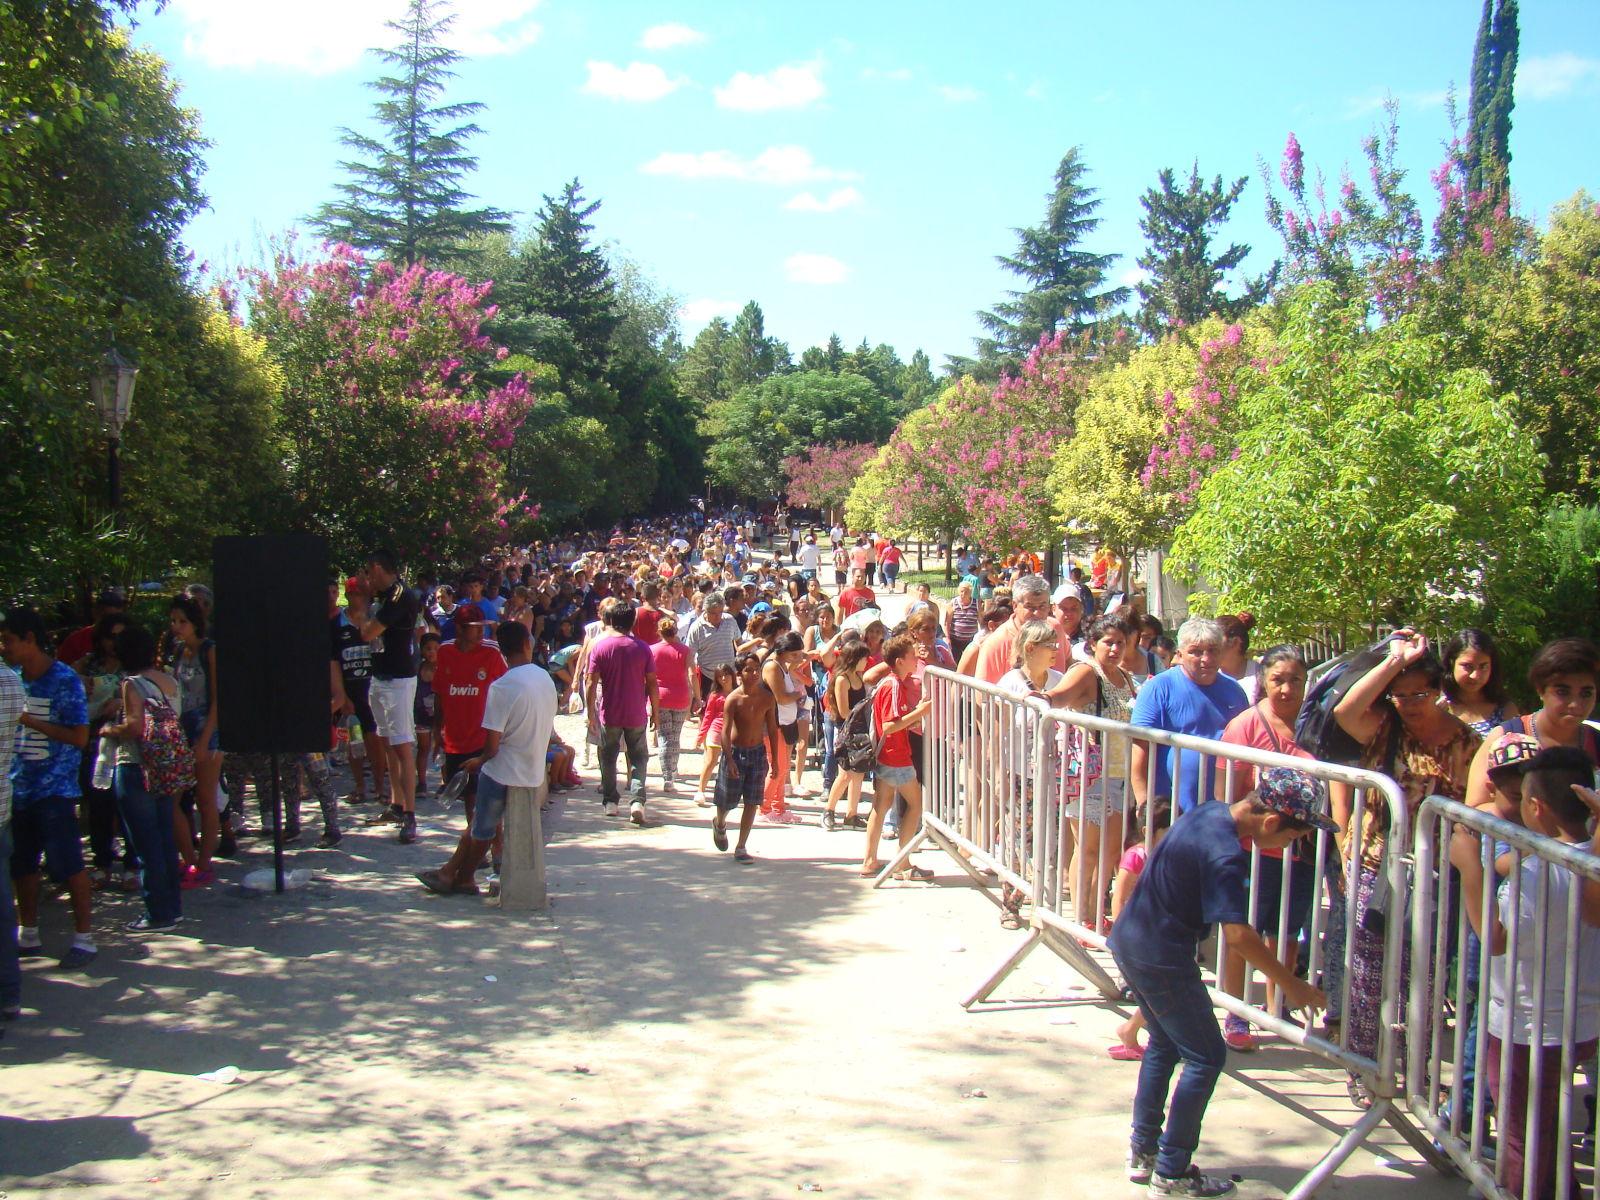 Como cada año miles de personas hicieron la peregrinación hasta la Gruta de la Virgen de Lourdes